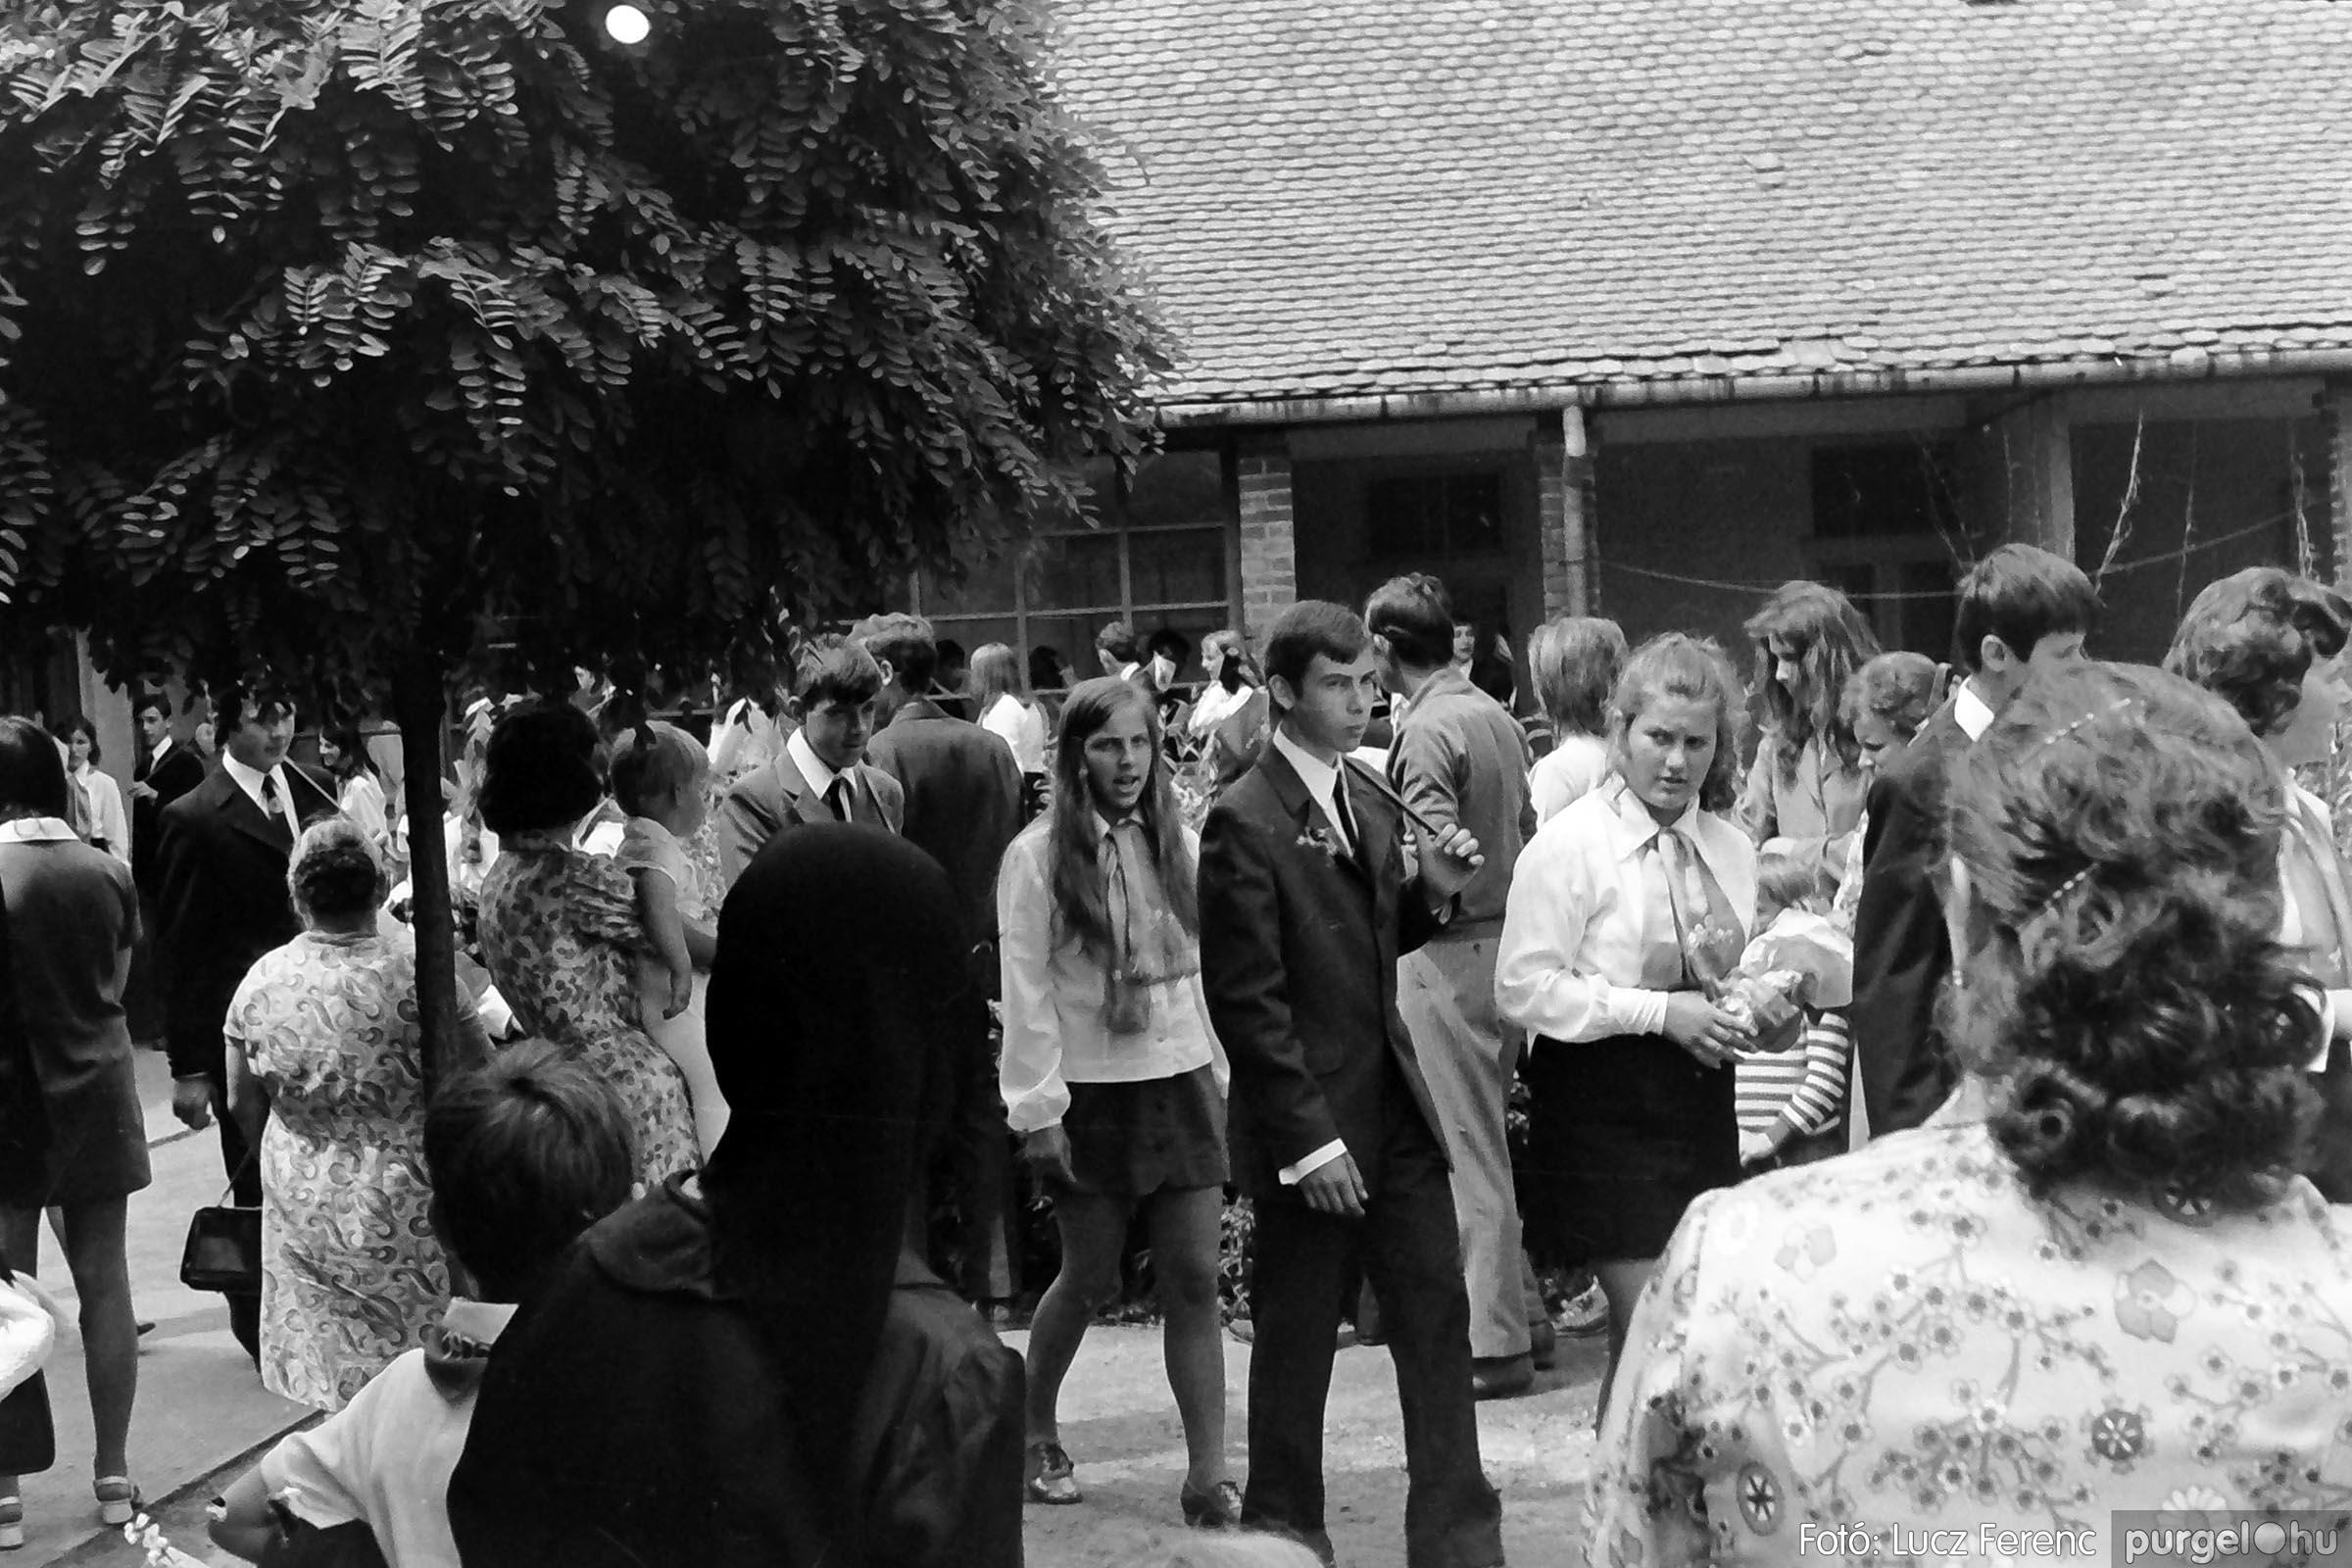 001 1972.05.27. Ballagás a szegvári iskolában 003 - Fotó: Lucz Ferenc - IMG01060q.jpg